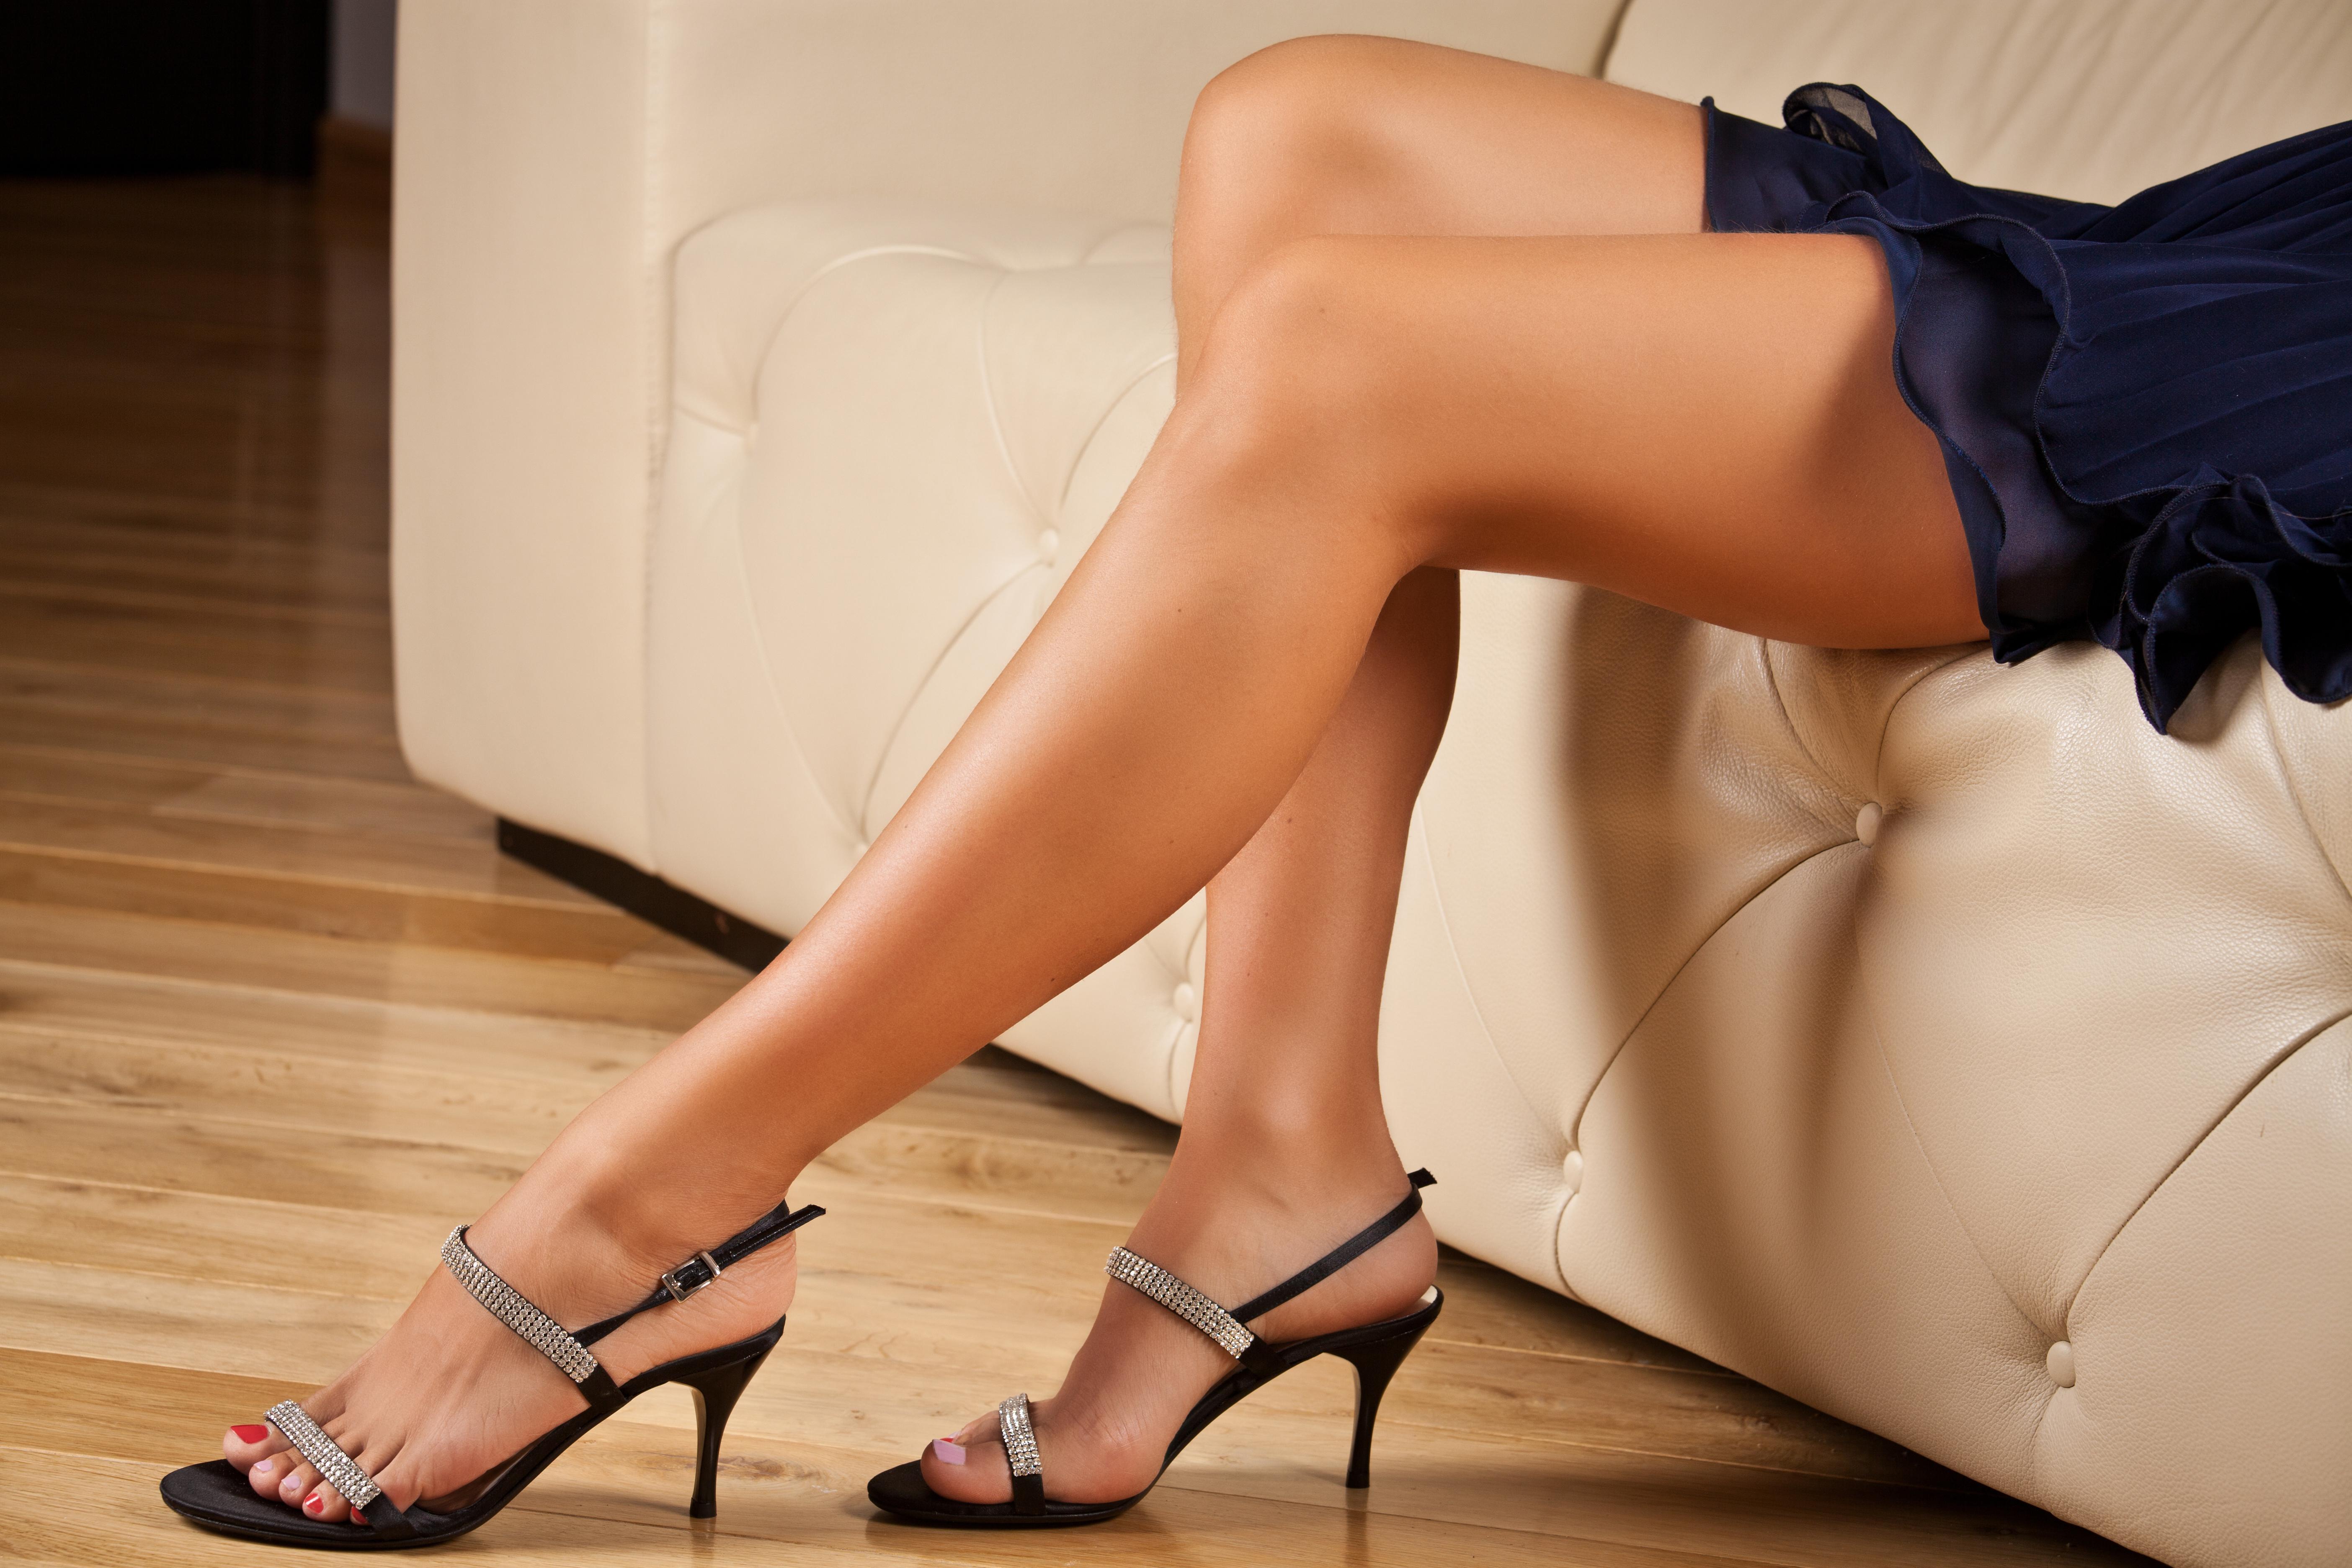 prostitutka-kiev-samie-krasivie-zhenskie-nogi-foto-porno-vizivaet-santehniku